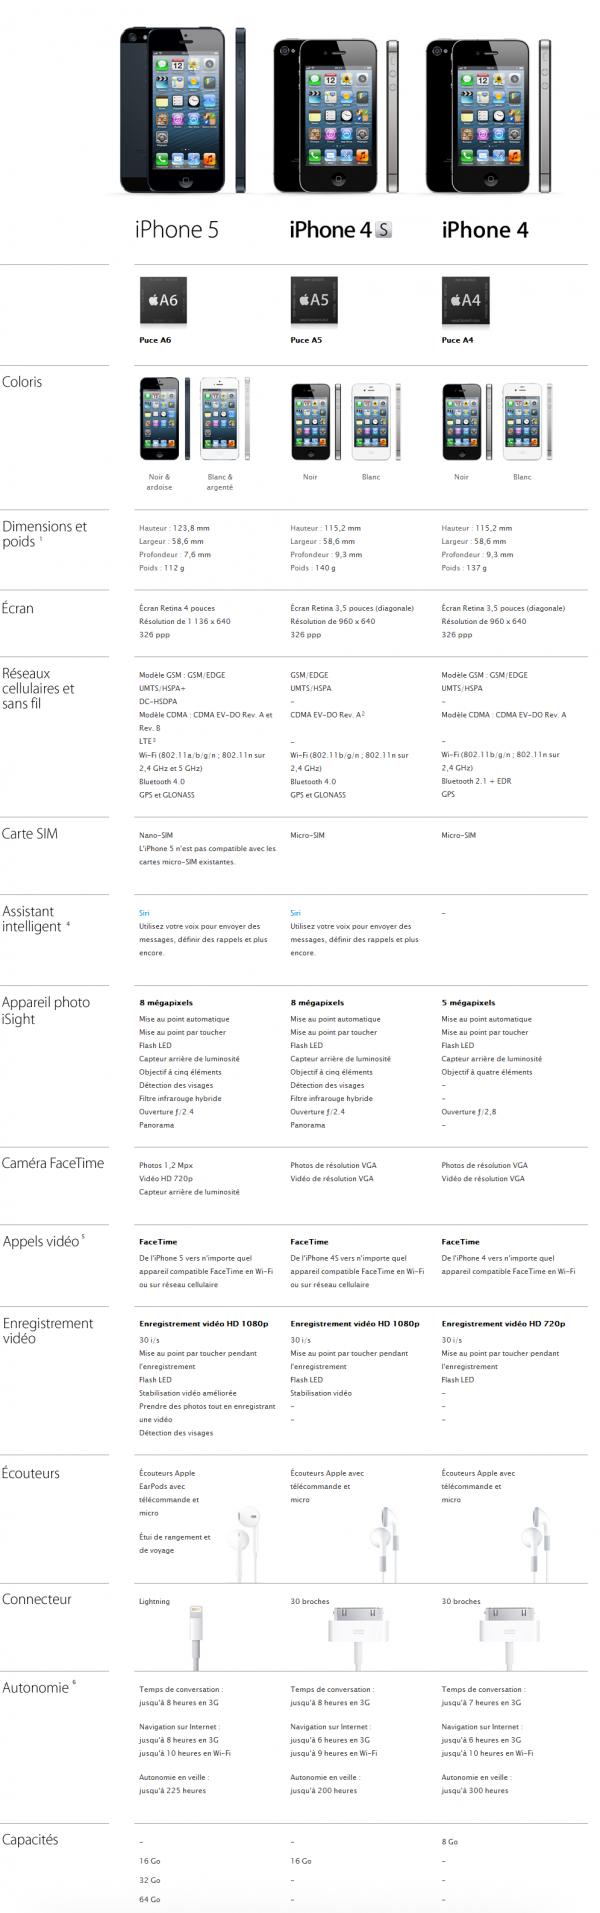 Apple - iPhone 5 - Comparez les caractéristiques des modèles d'iPhone